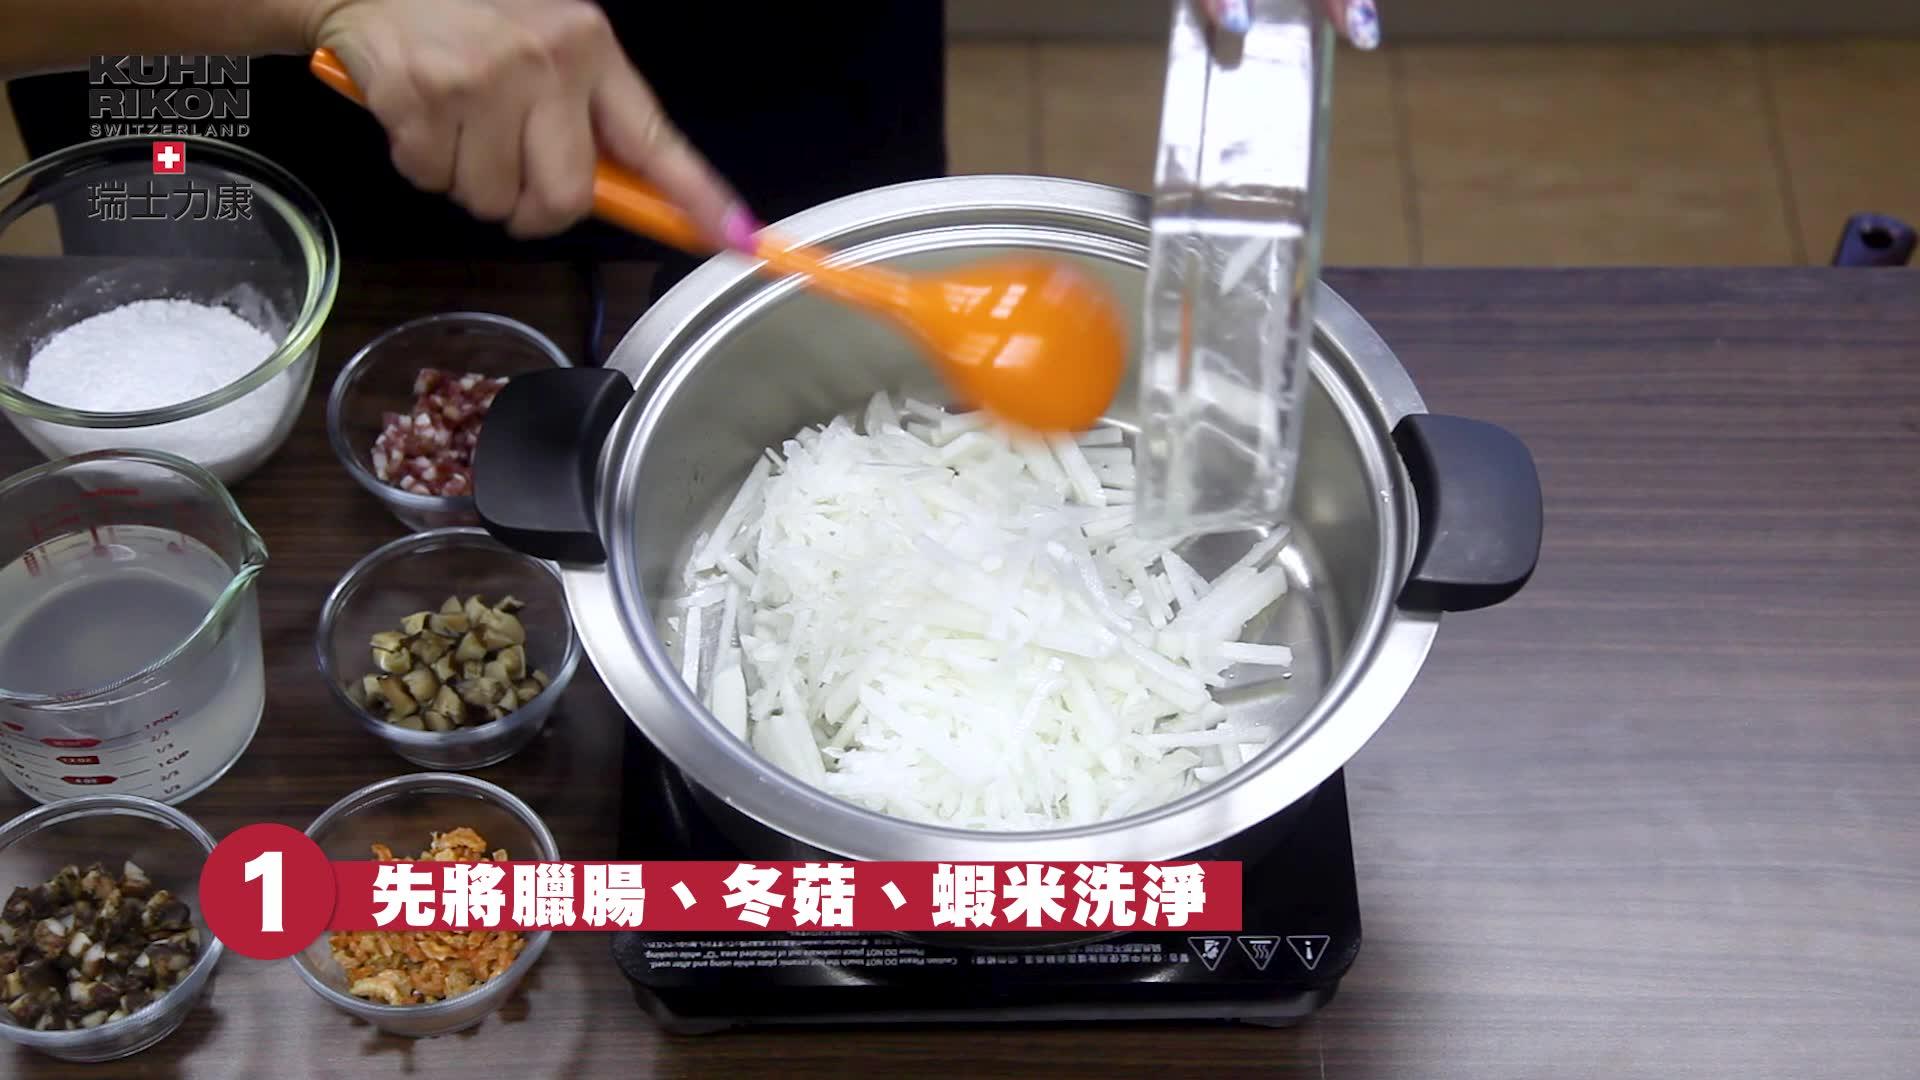 LifeKan廚房-新年篇: DIY 傳統蘿蔔糕